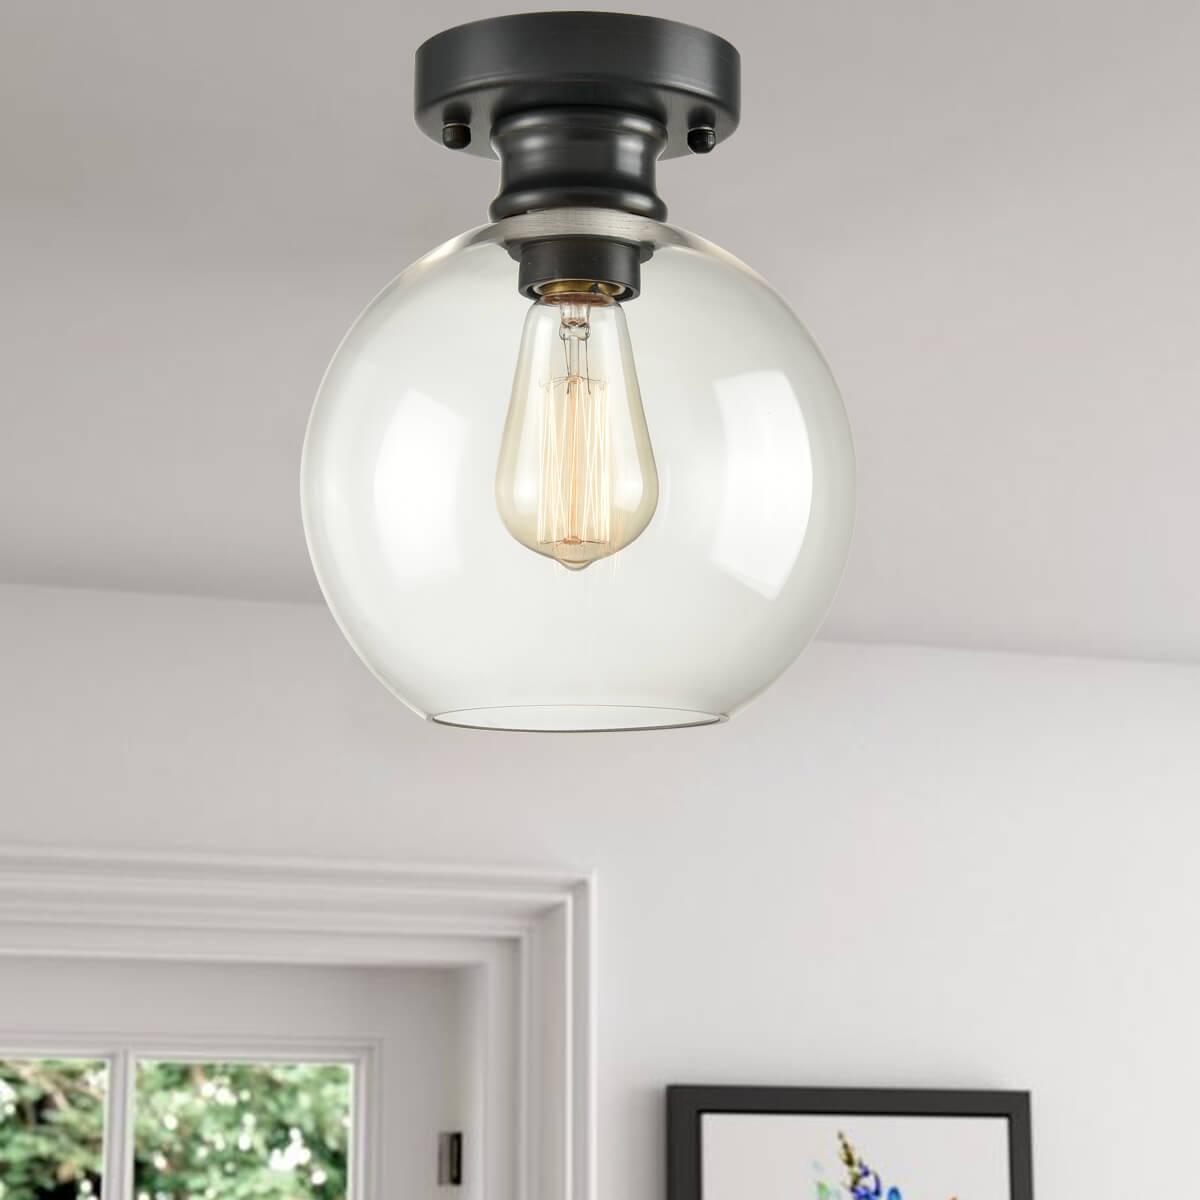 Industrial Ceiling Light Fixture Flush Mount Globe Glass Light Fixtures